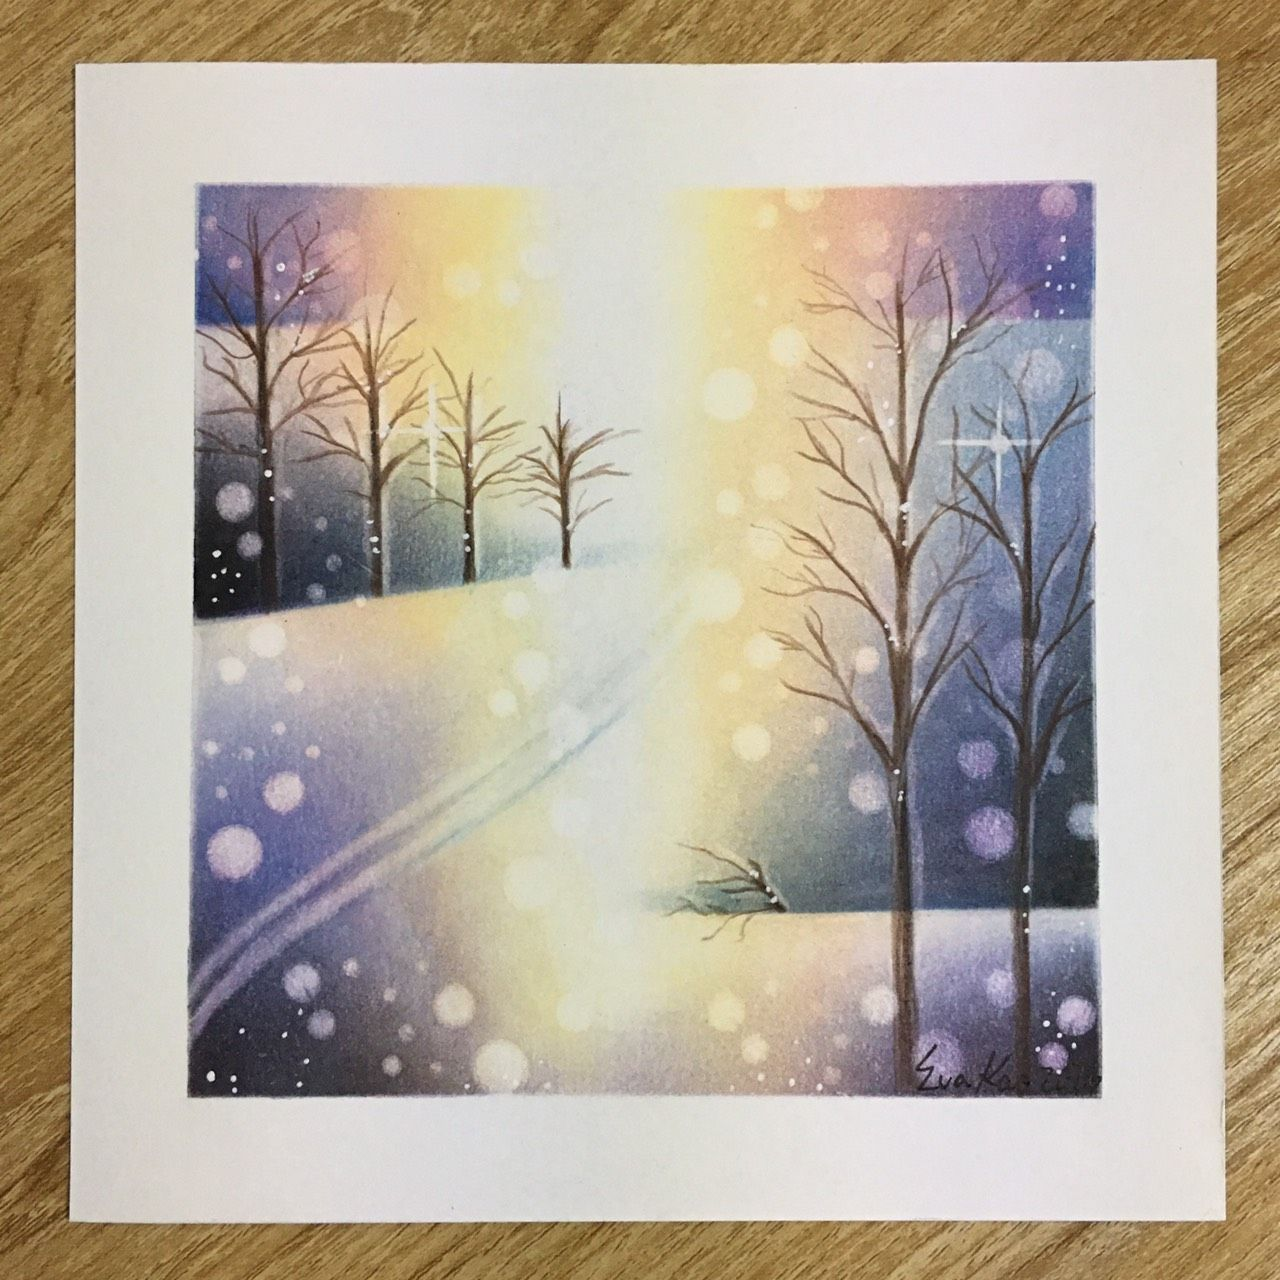 ボード「Nagomi Pastel Art」のピン